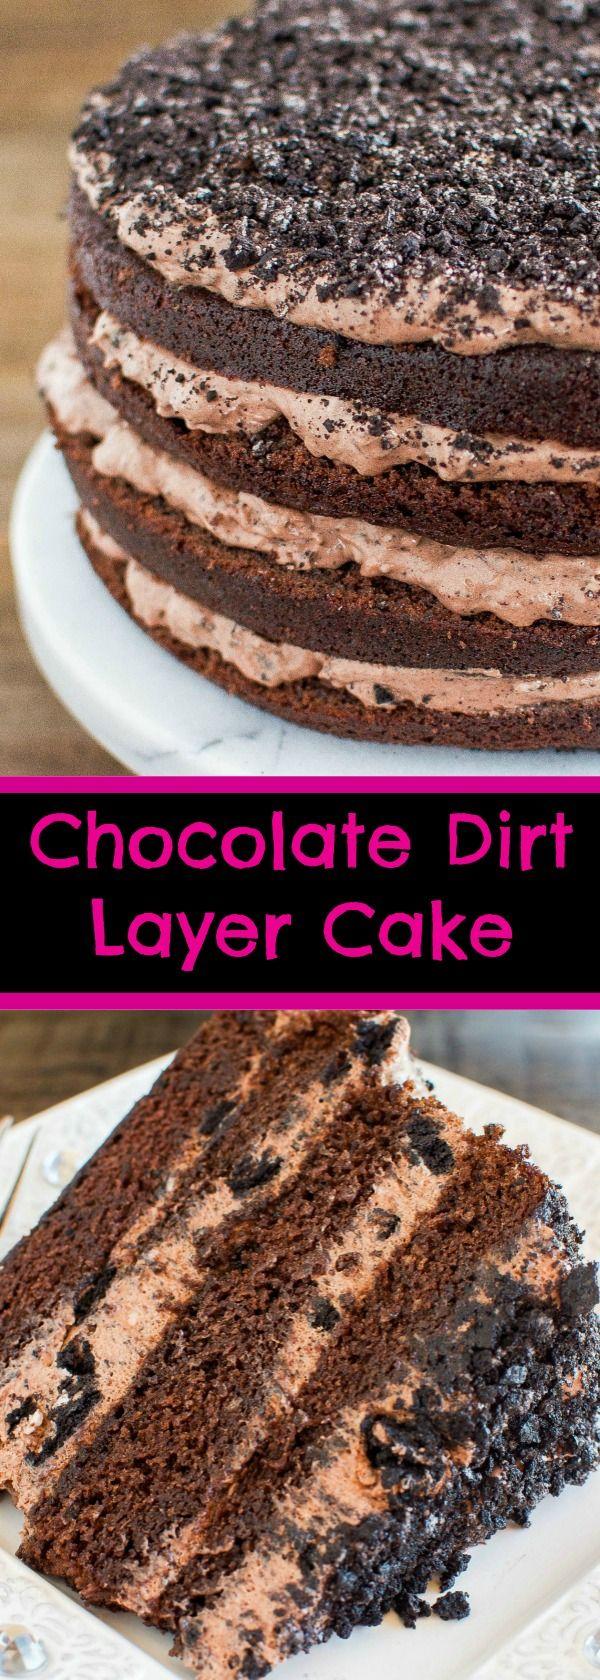 homemade-chocolate-cake-layered-with-chocolate-oreo-dirt-2